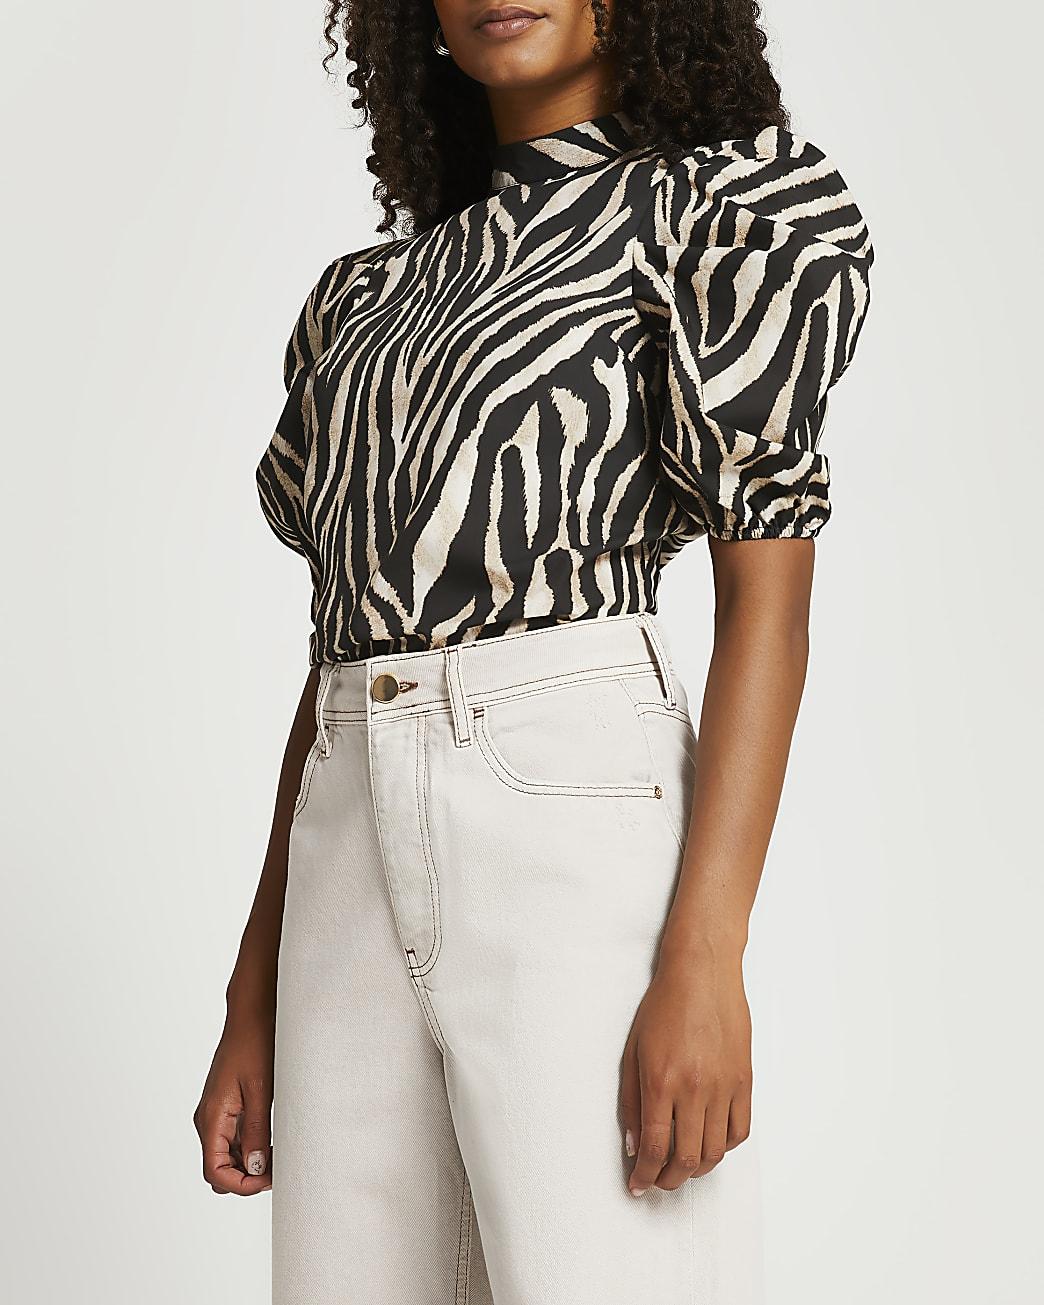 Beige zebra print puff sleeve top